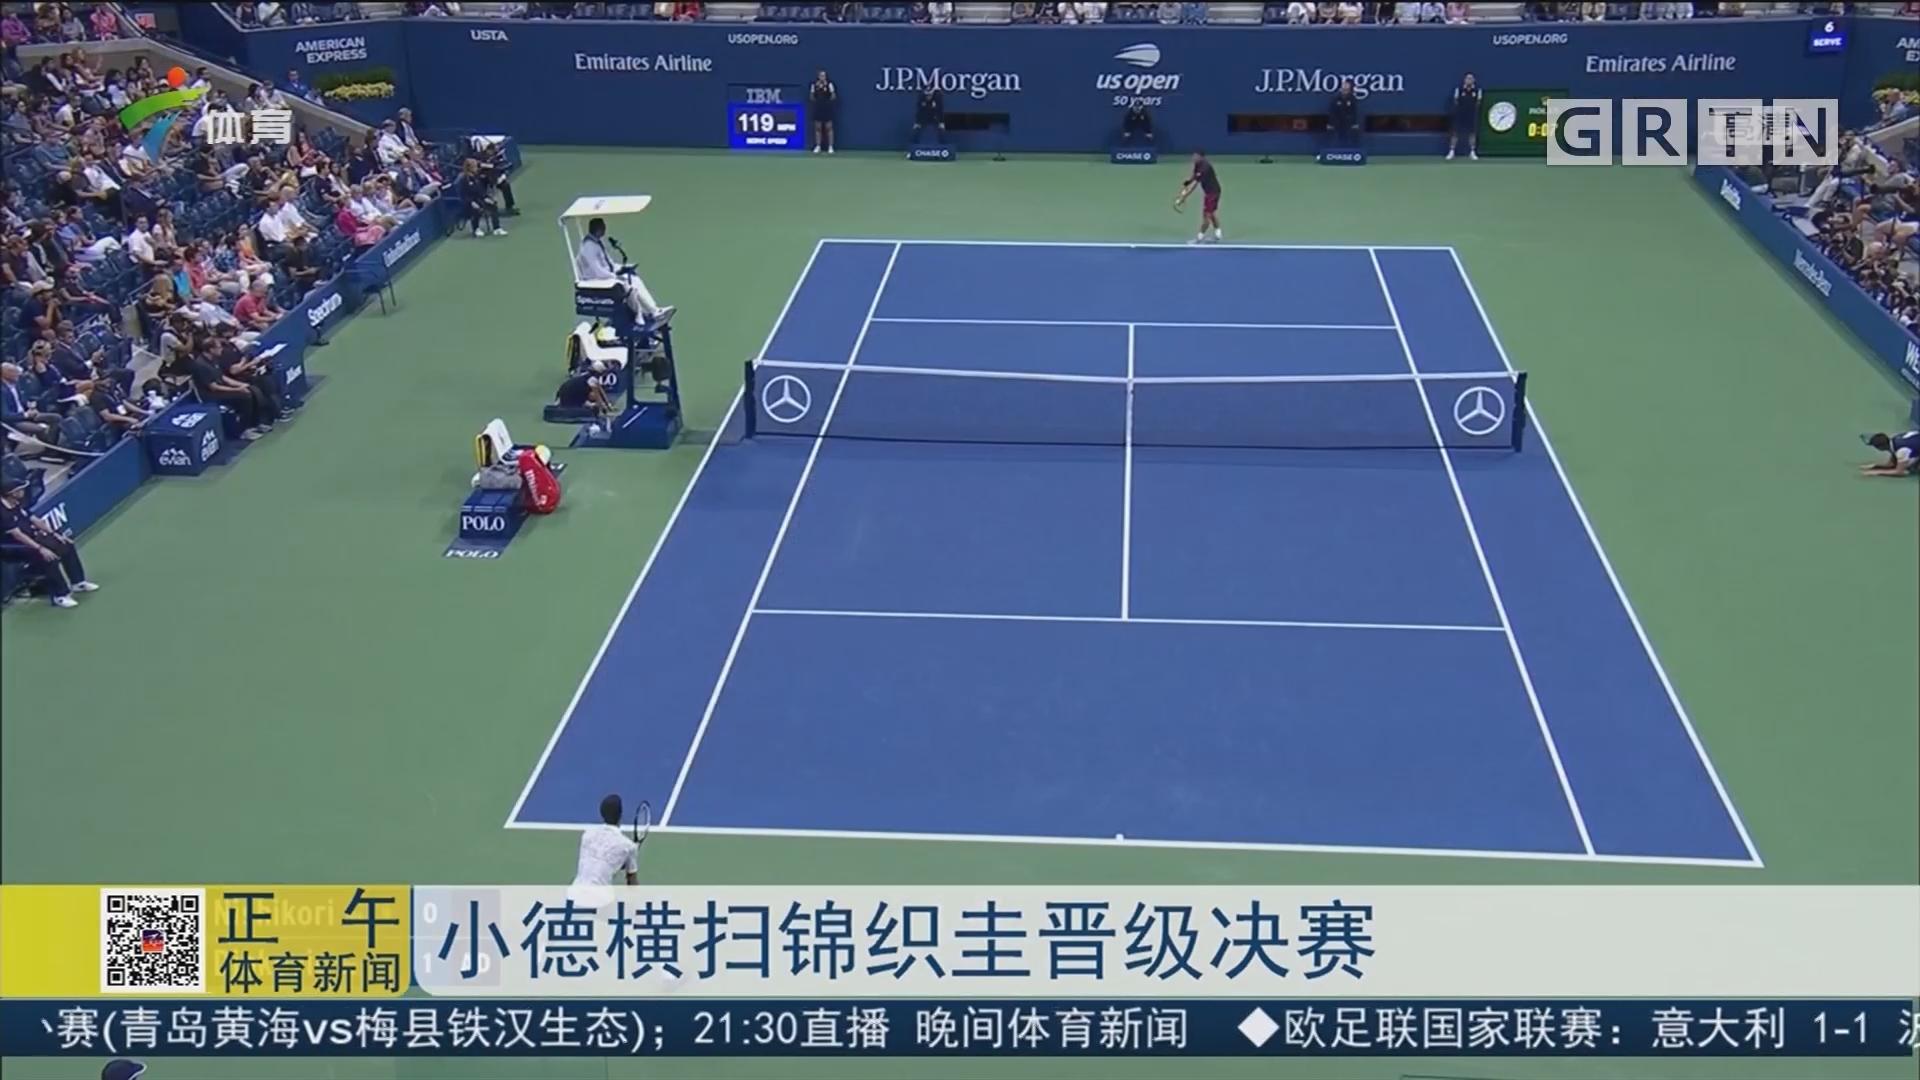 小德横扫锦织圭晋级决赛